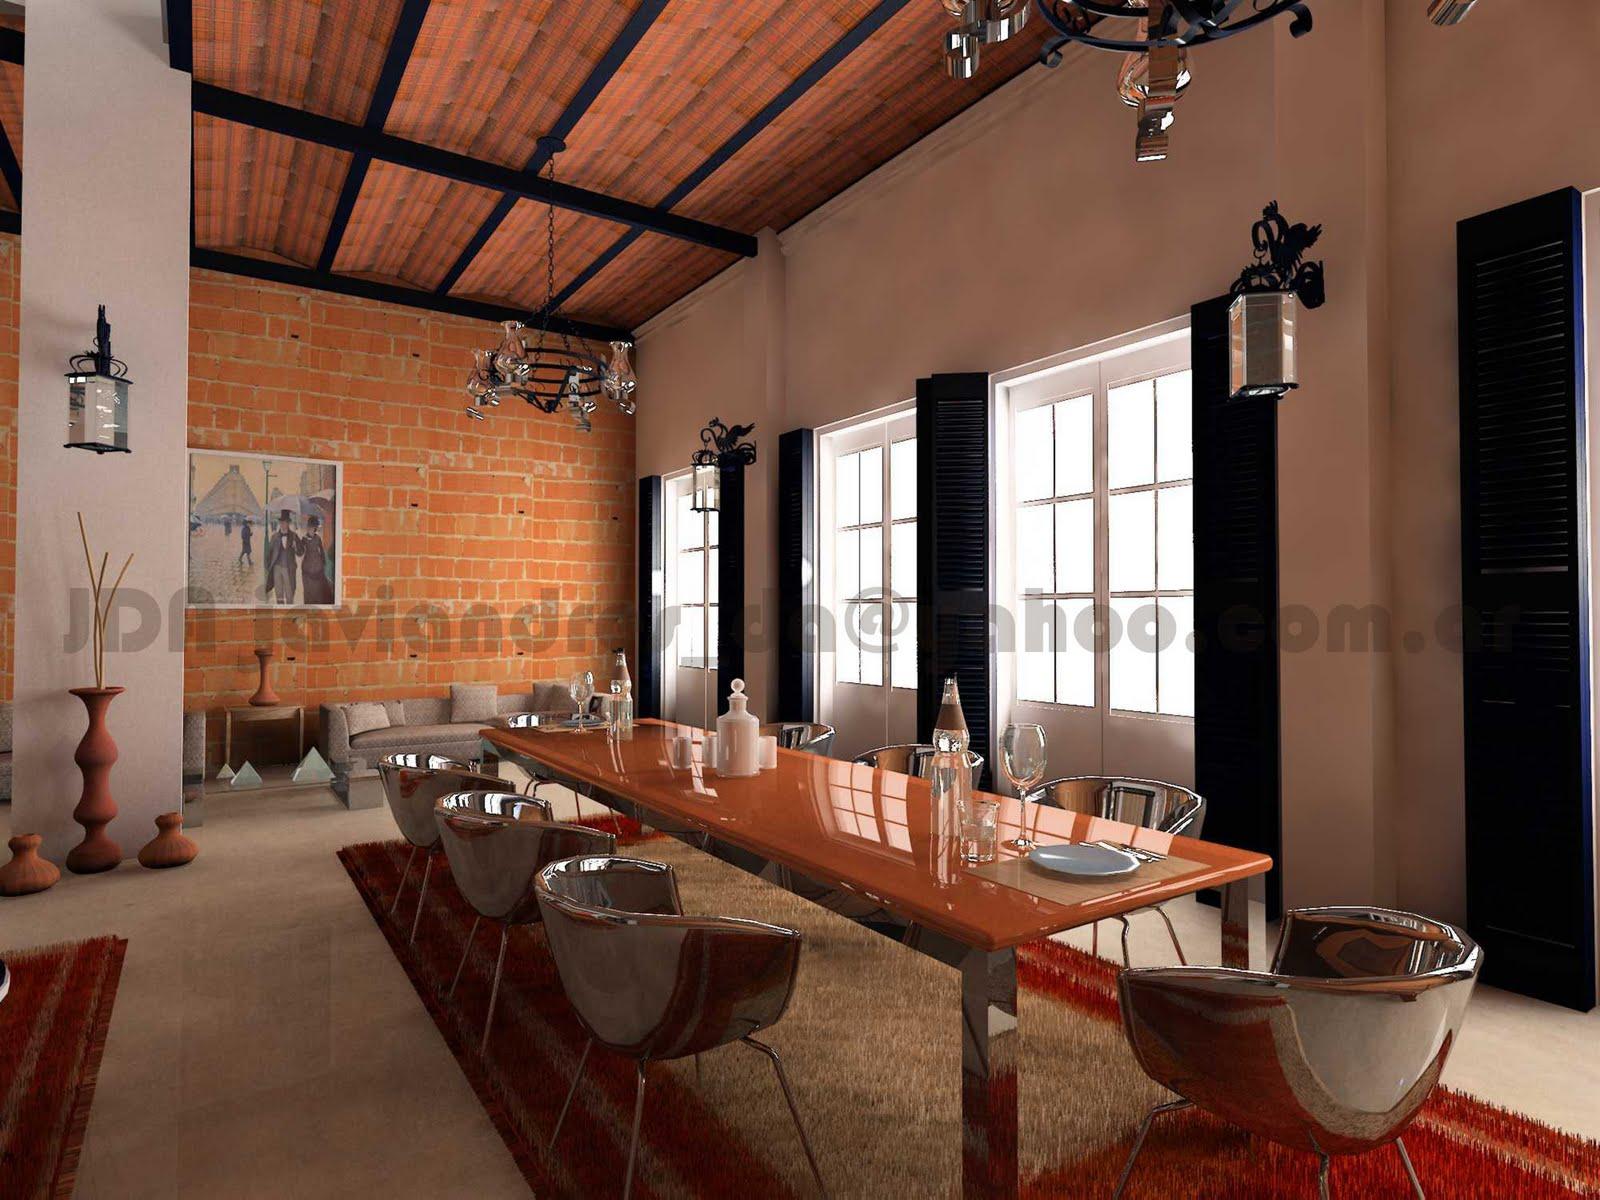 Arquitec maquetas casona de buenos aires 3d for Remodelacion de casas viejas